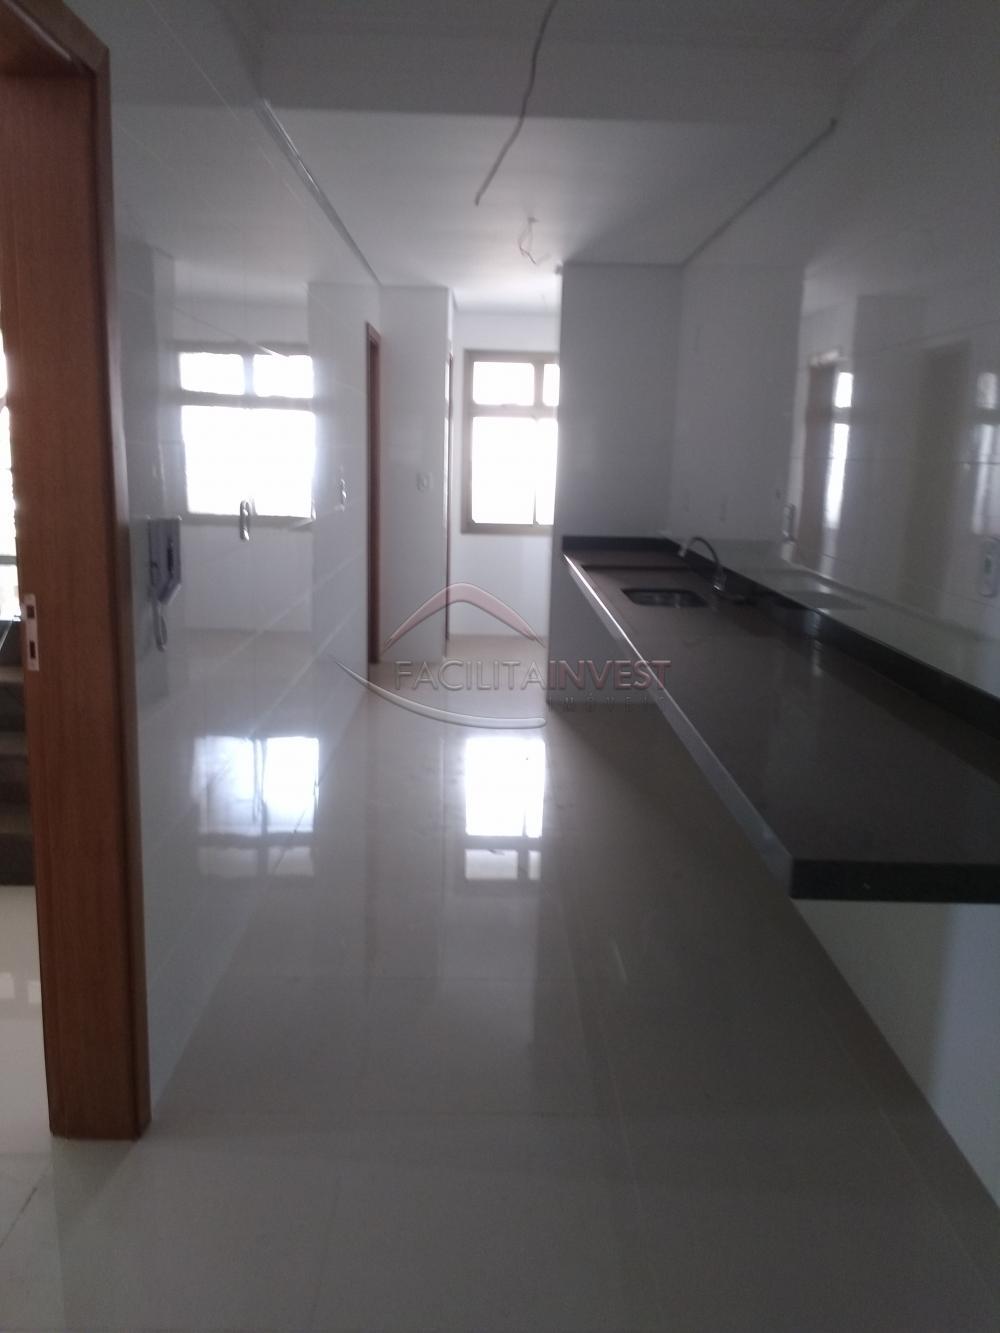 Comprar Apartamentos / Cobertura em Ribeirão Preto apenas R$ 881.250,00 - Foto 2